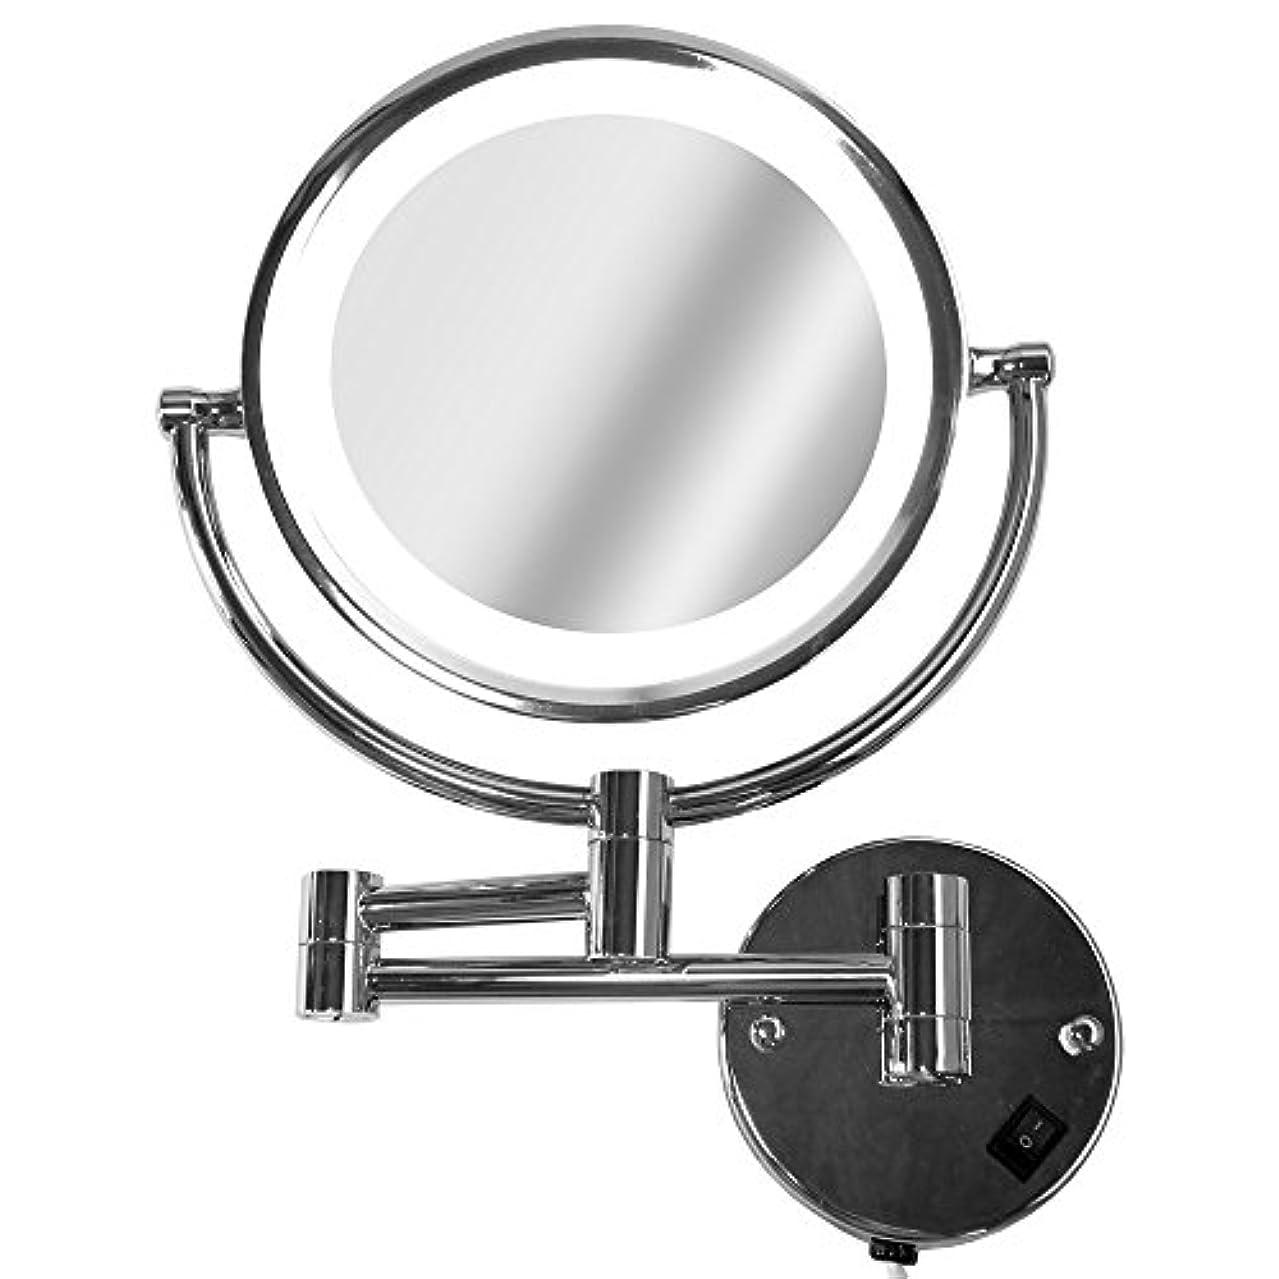 白い母読みやすいLa Curie アームミラー 壁付けミラー 拡大鏡 折りたたみホテルミラー LEDライト付 5倍 LaCurie014